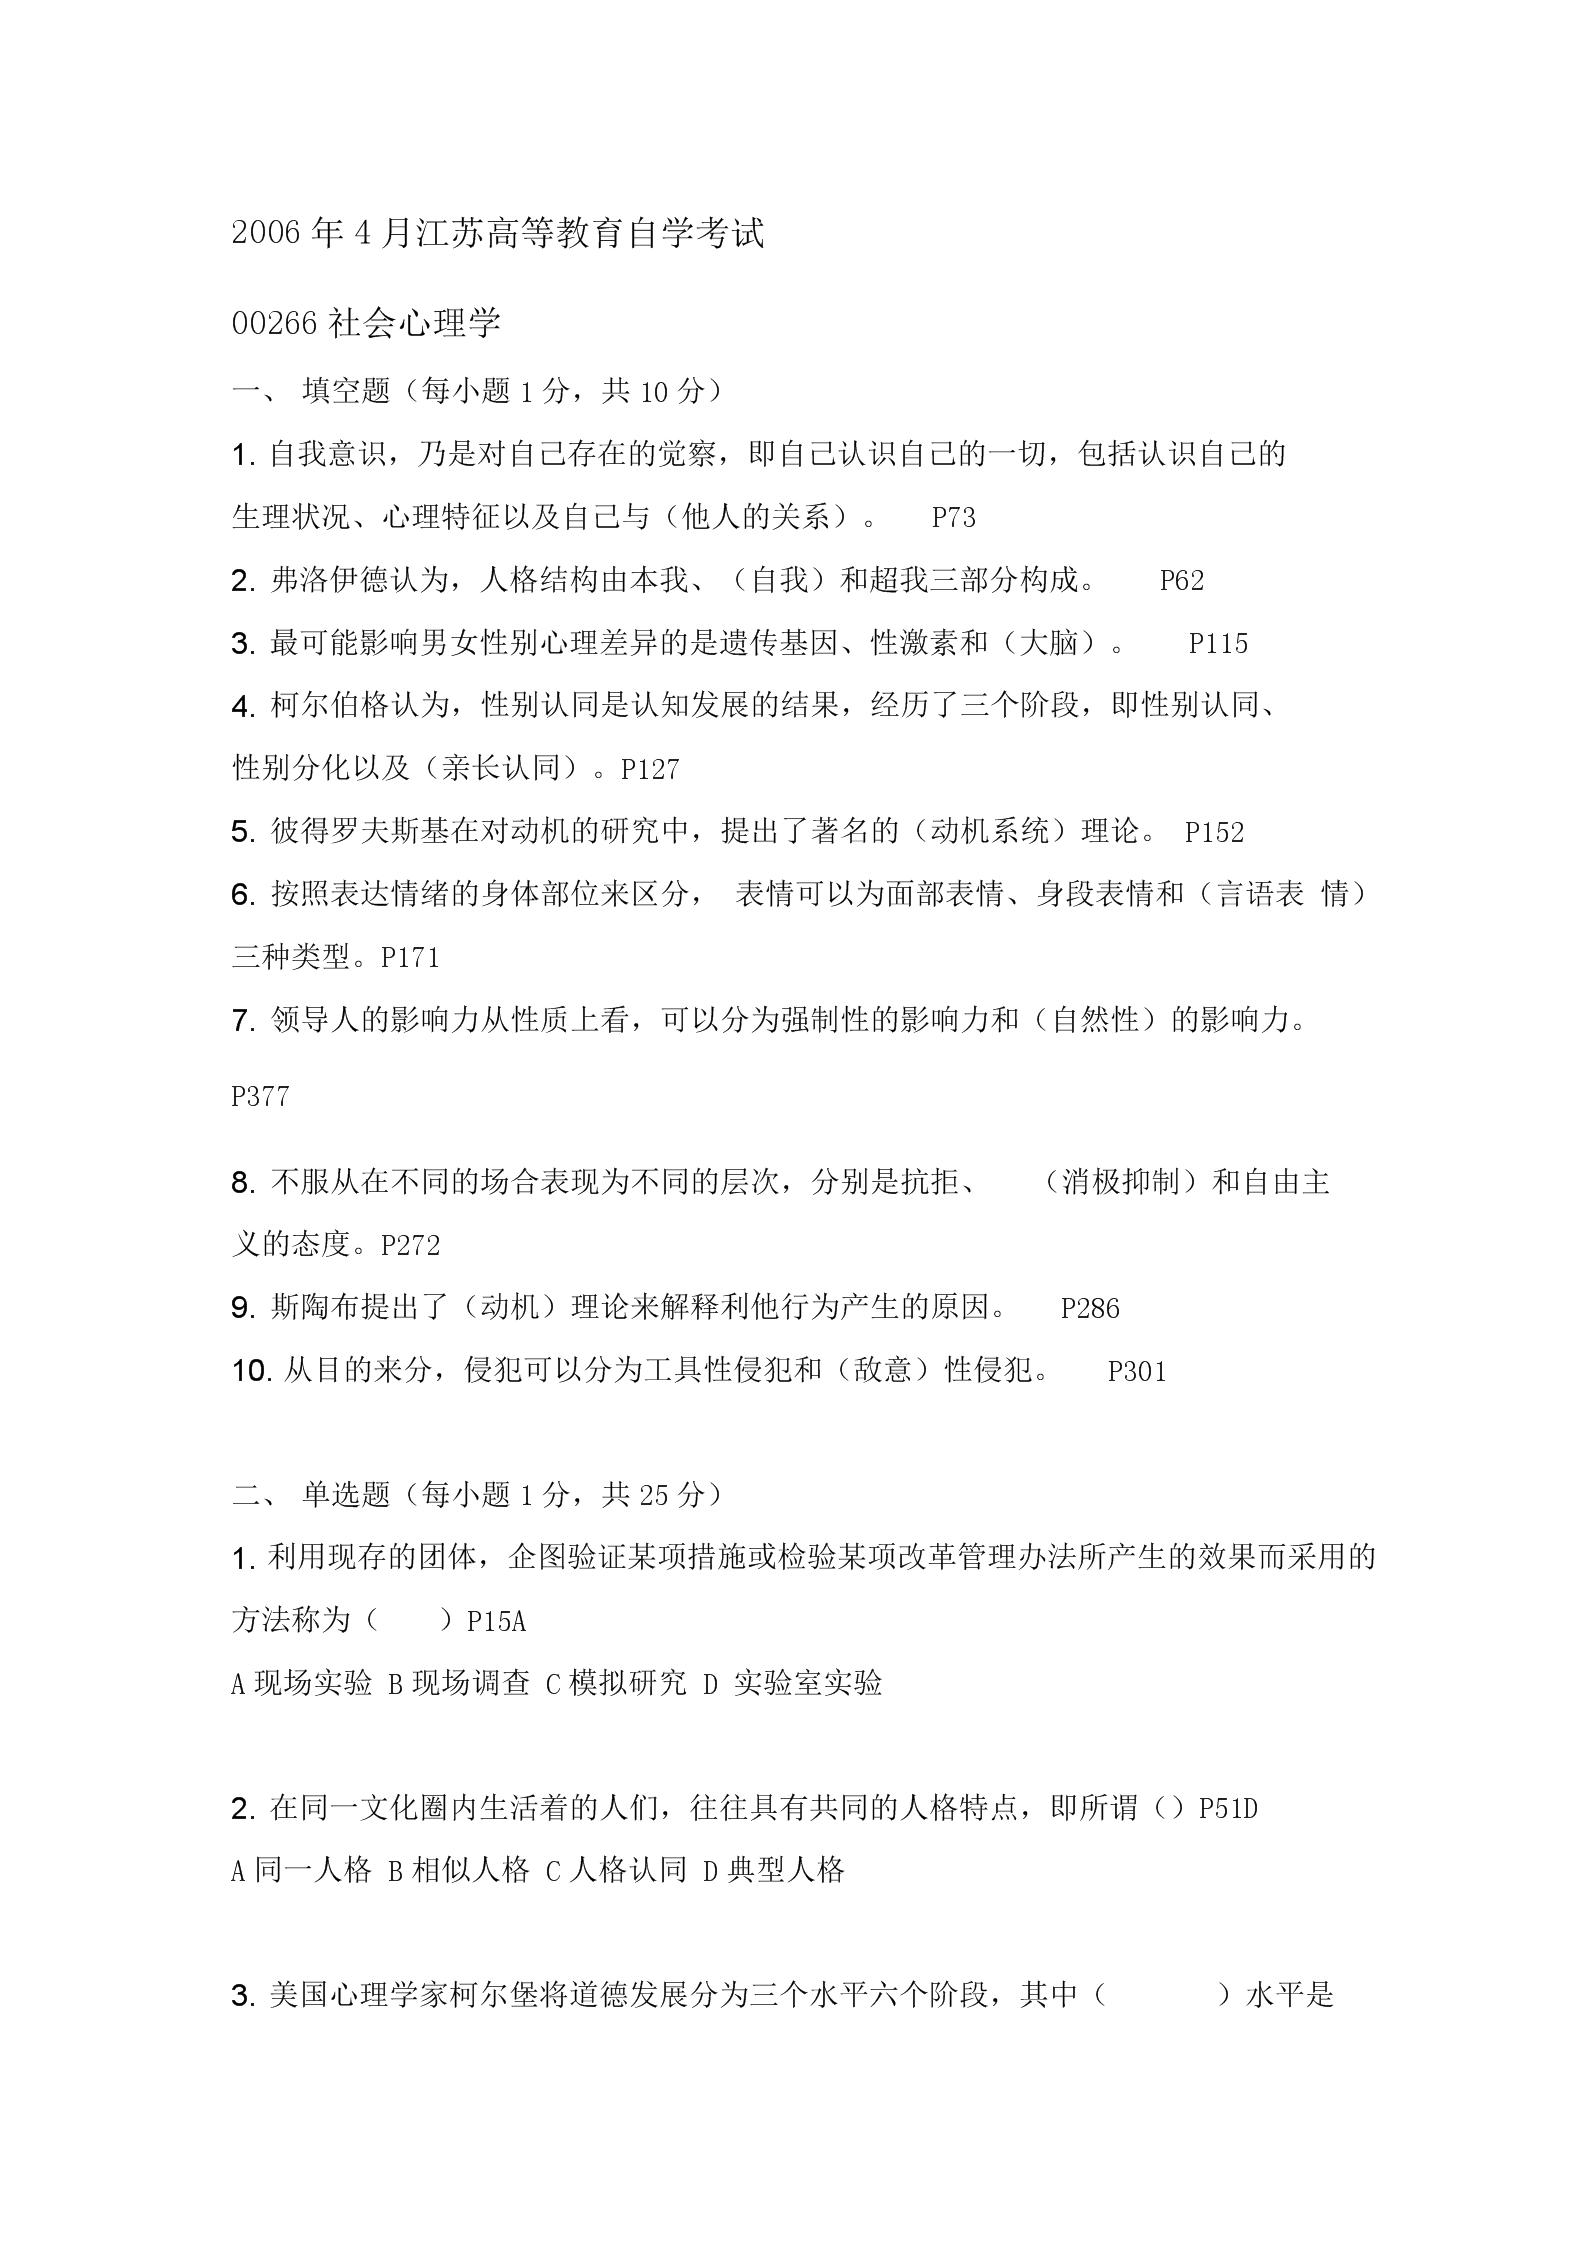 江苏省自考2006年04月《社会心理学(一)00266》试卷【真题】.docx